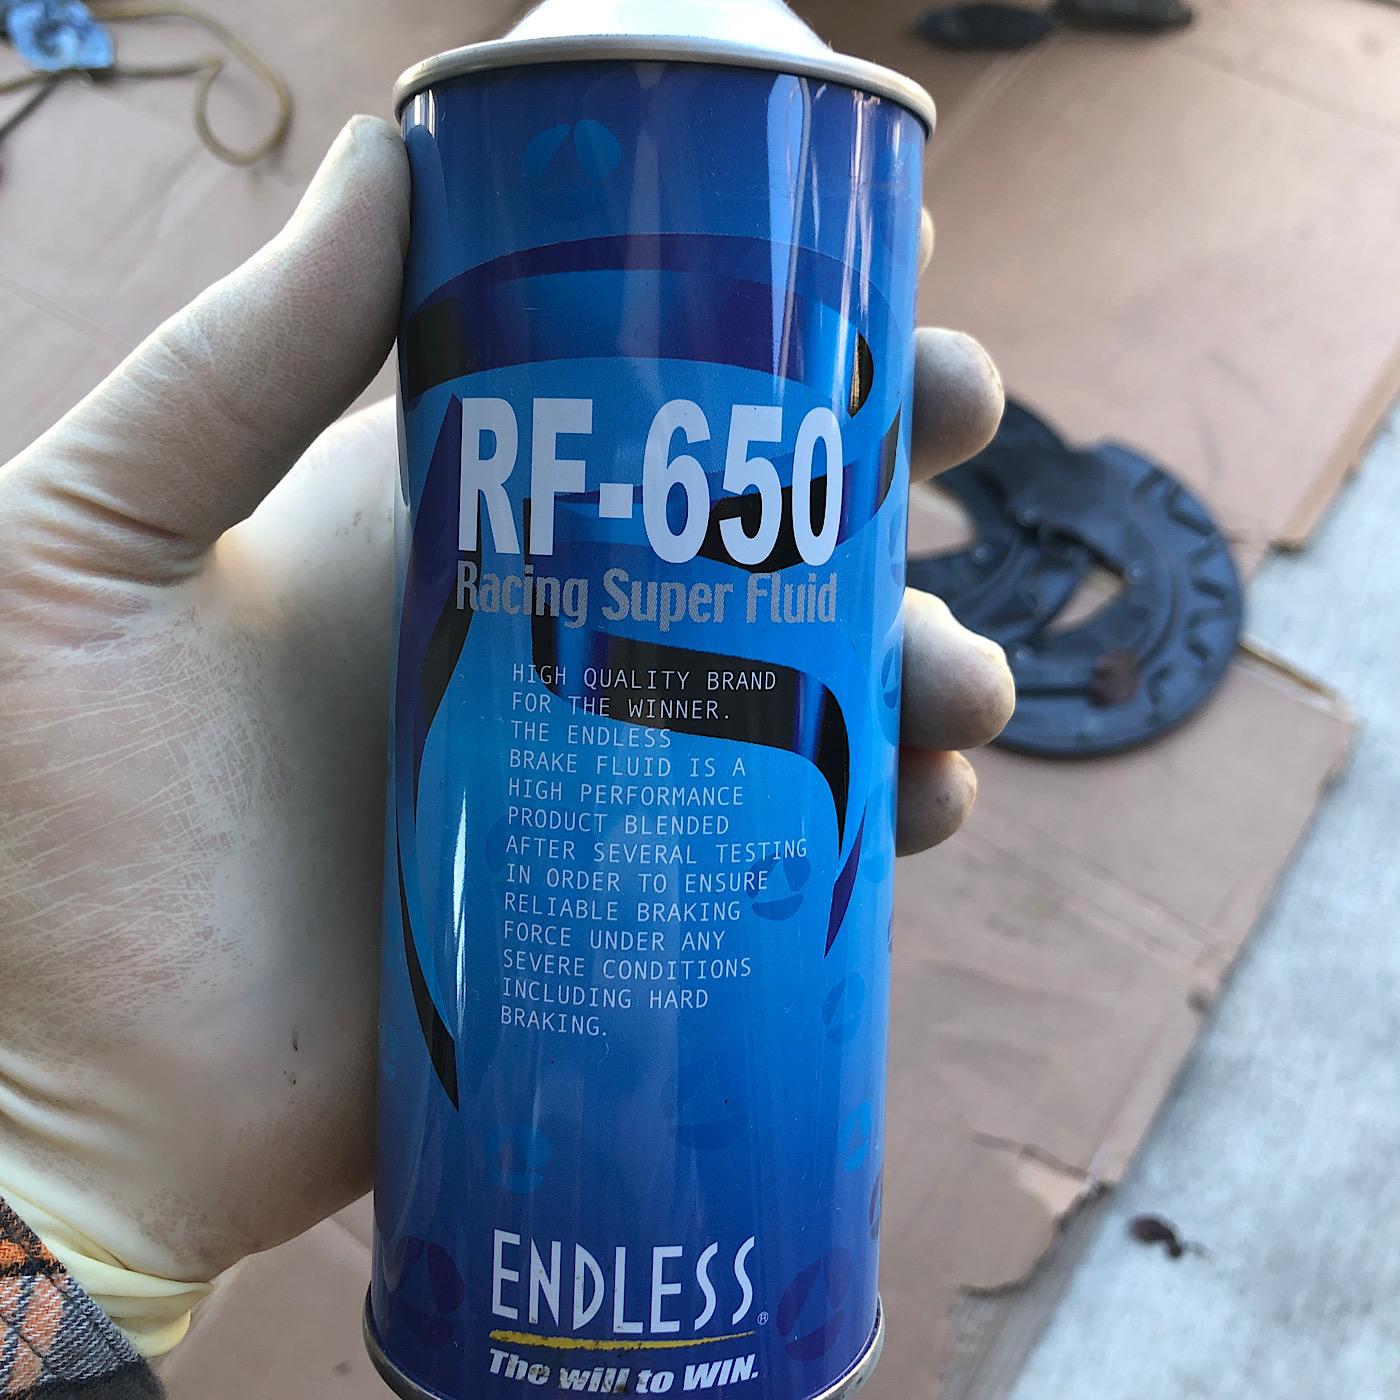 02190383-F342-47BA-9B40-D8D5BCA8890C.jpeg